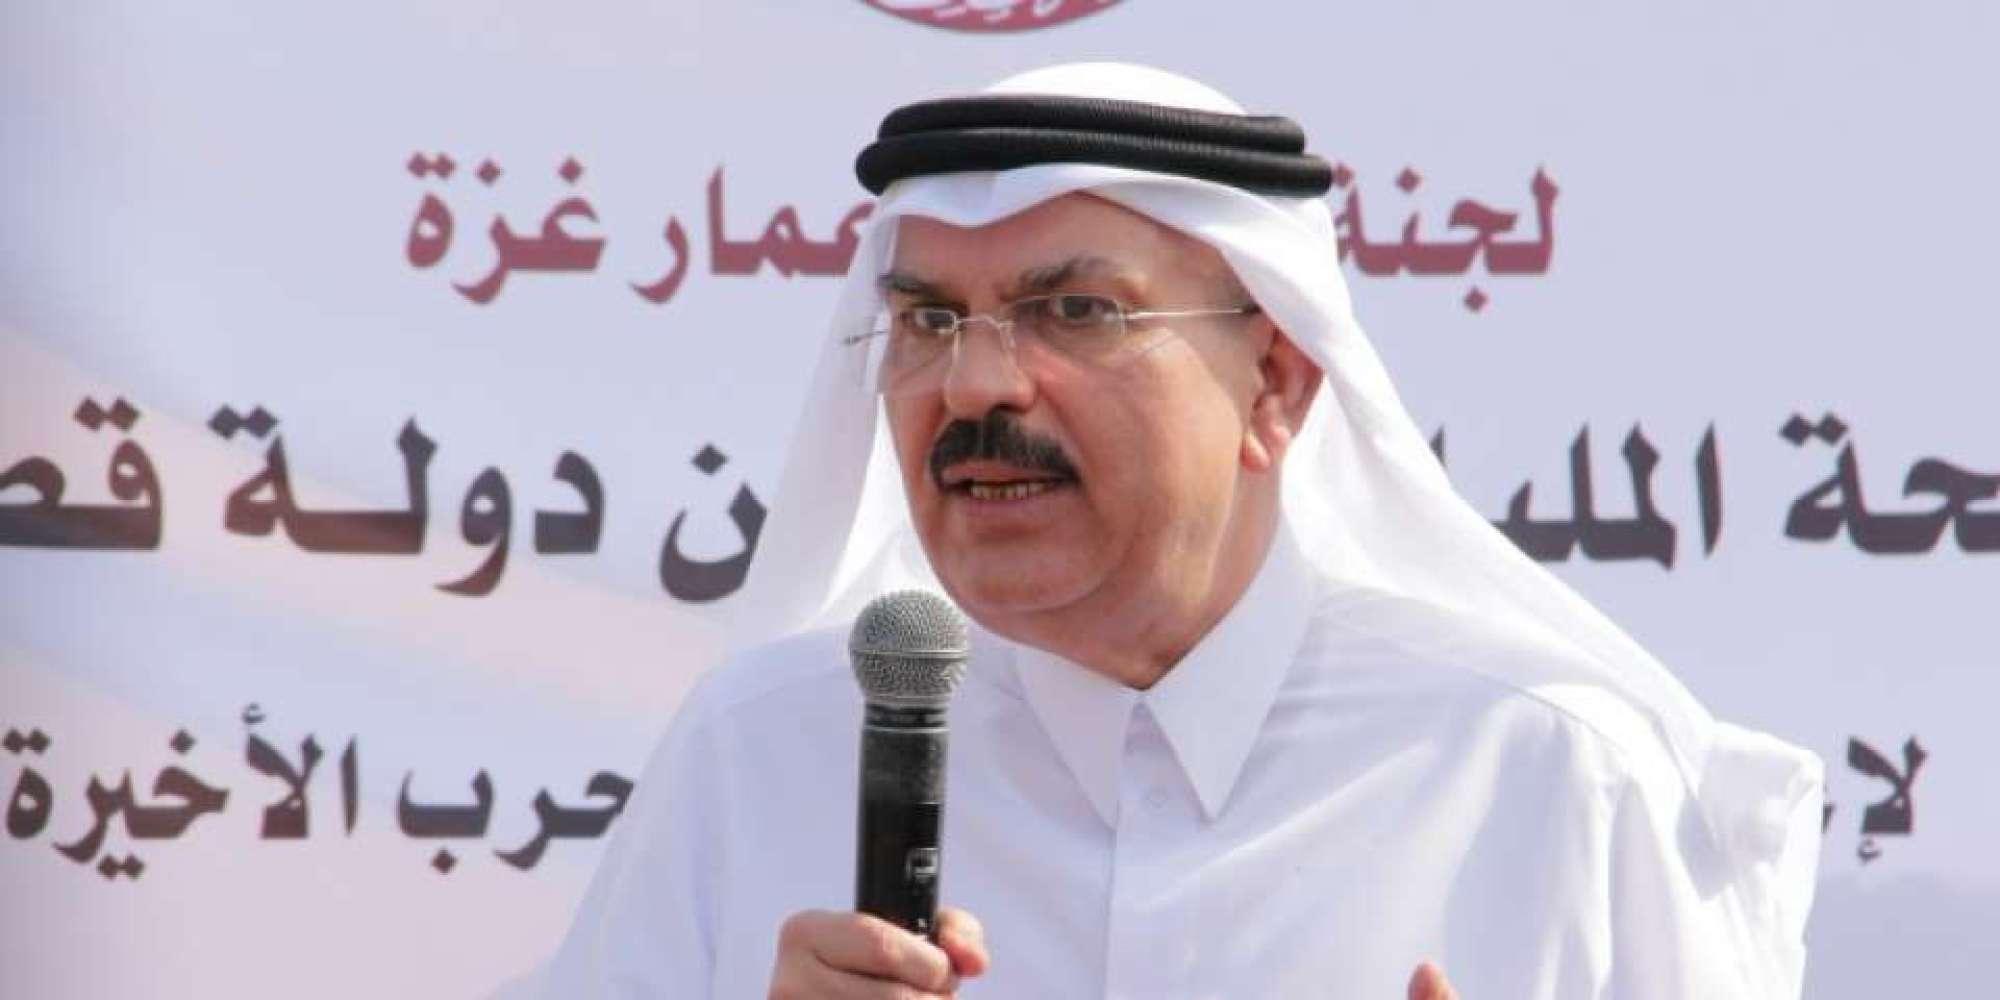 تصريحات متناقضة حول الإعلان عن افتتاح السفارة القطرية في غزة.. هذه القصة الكاملة